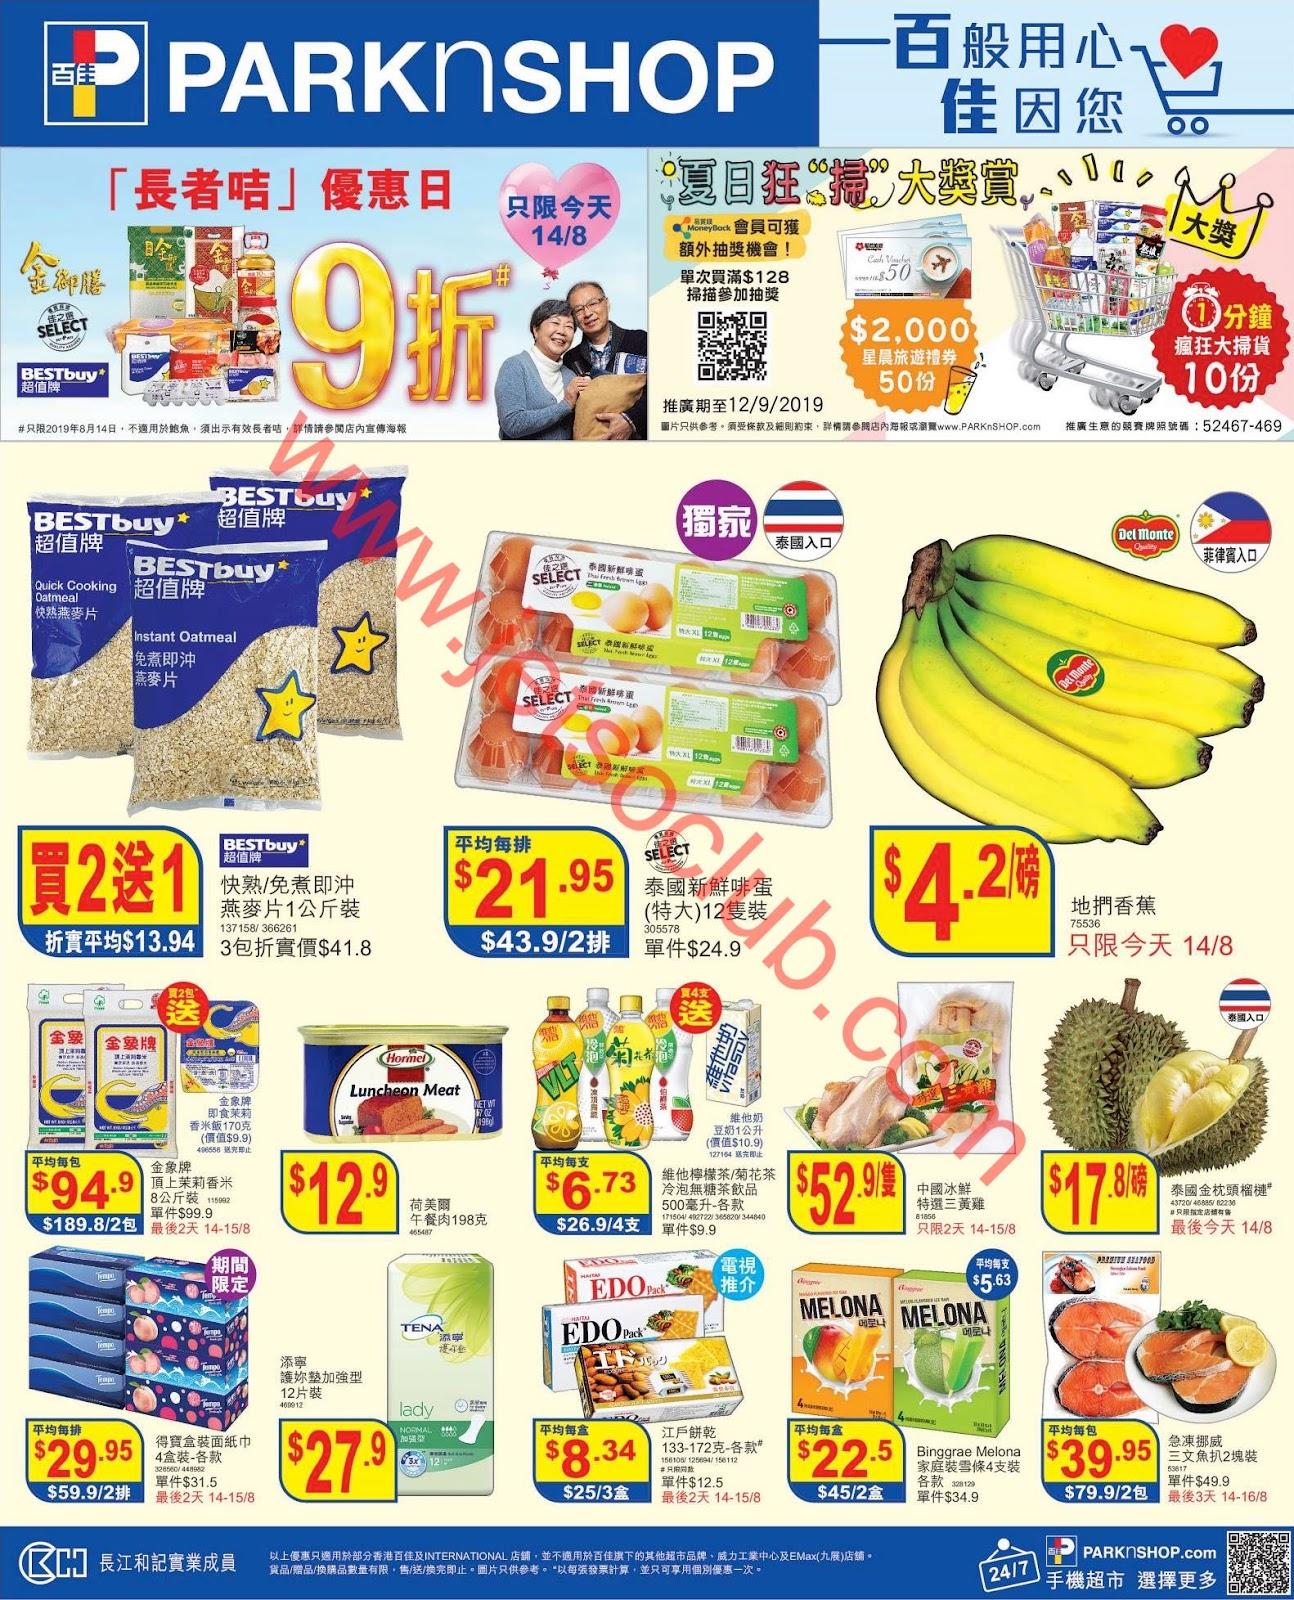 百佳/惠康超級市場最新優惠(14/8) ( Jetso Club 著數俱樂部 )